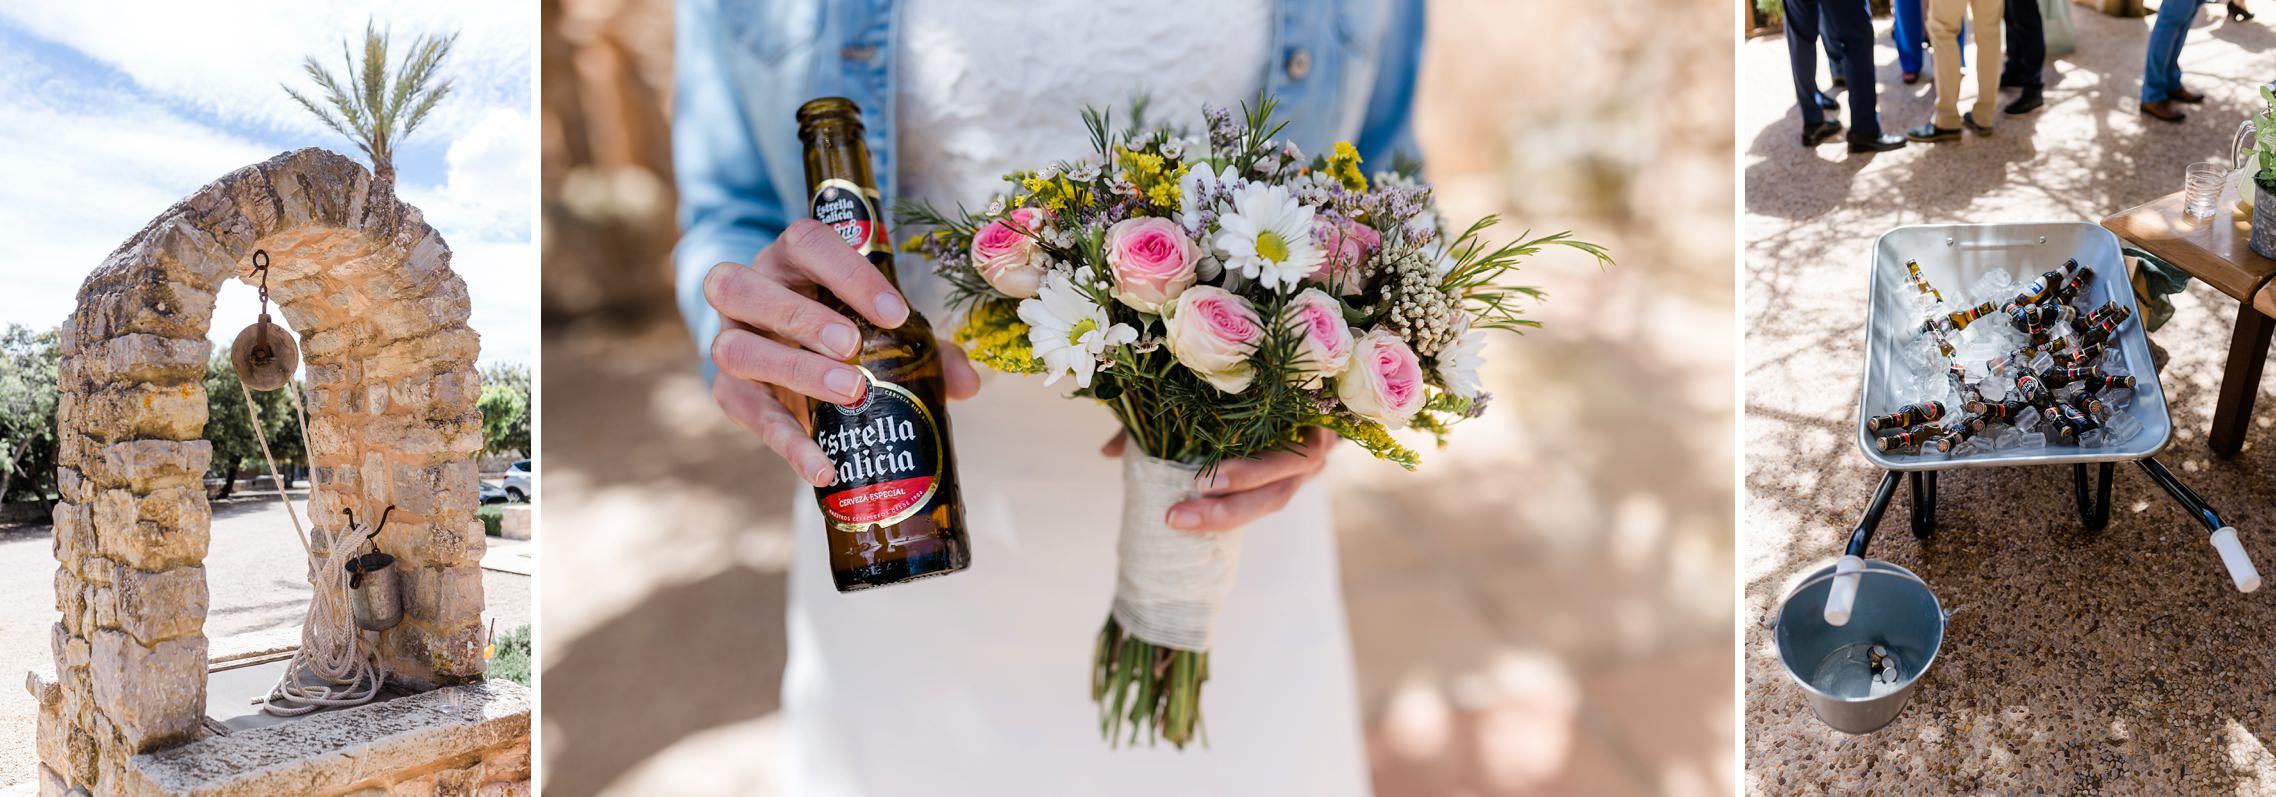 Lustiges Foto des Brautstraußes mit einer Bierflasche